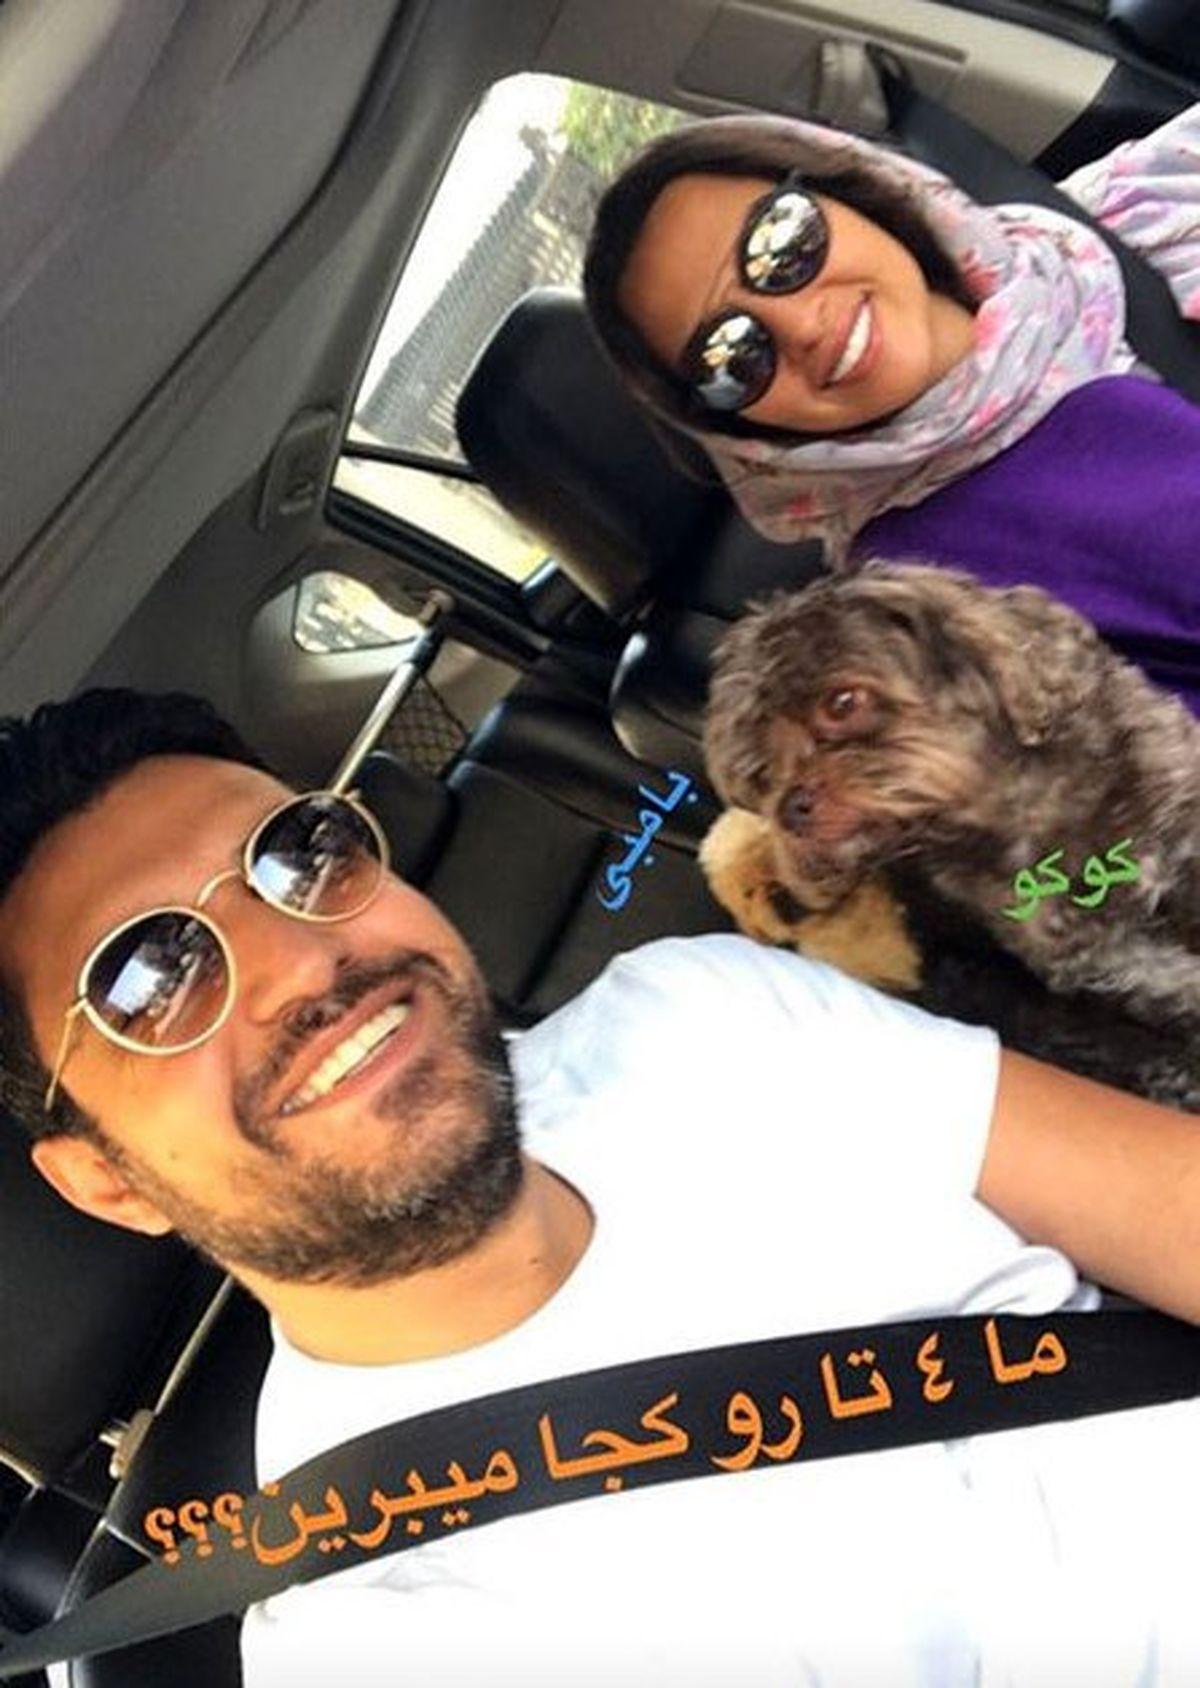 دور دورِ عجیب آناهیتا درگاهی با سگ هایش در ماشین + عکس